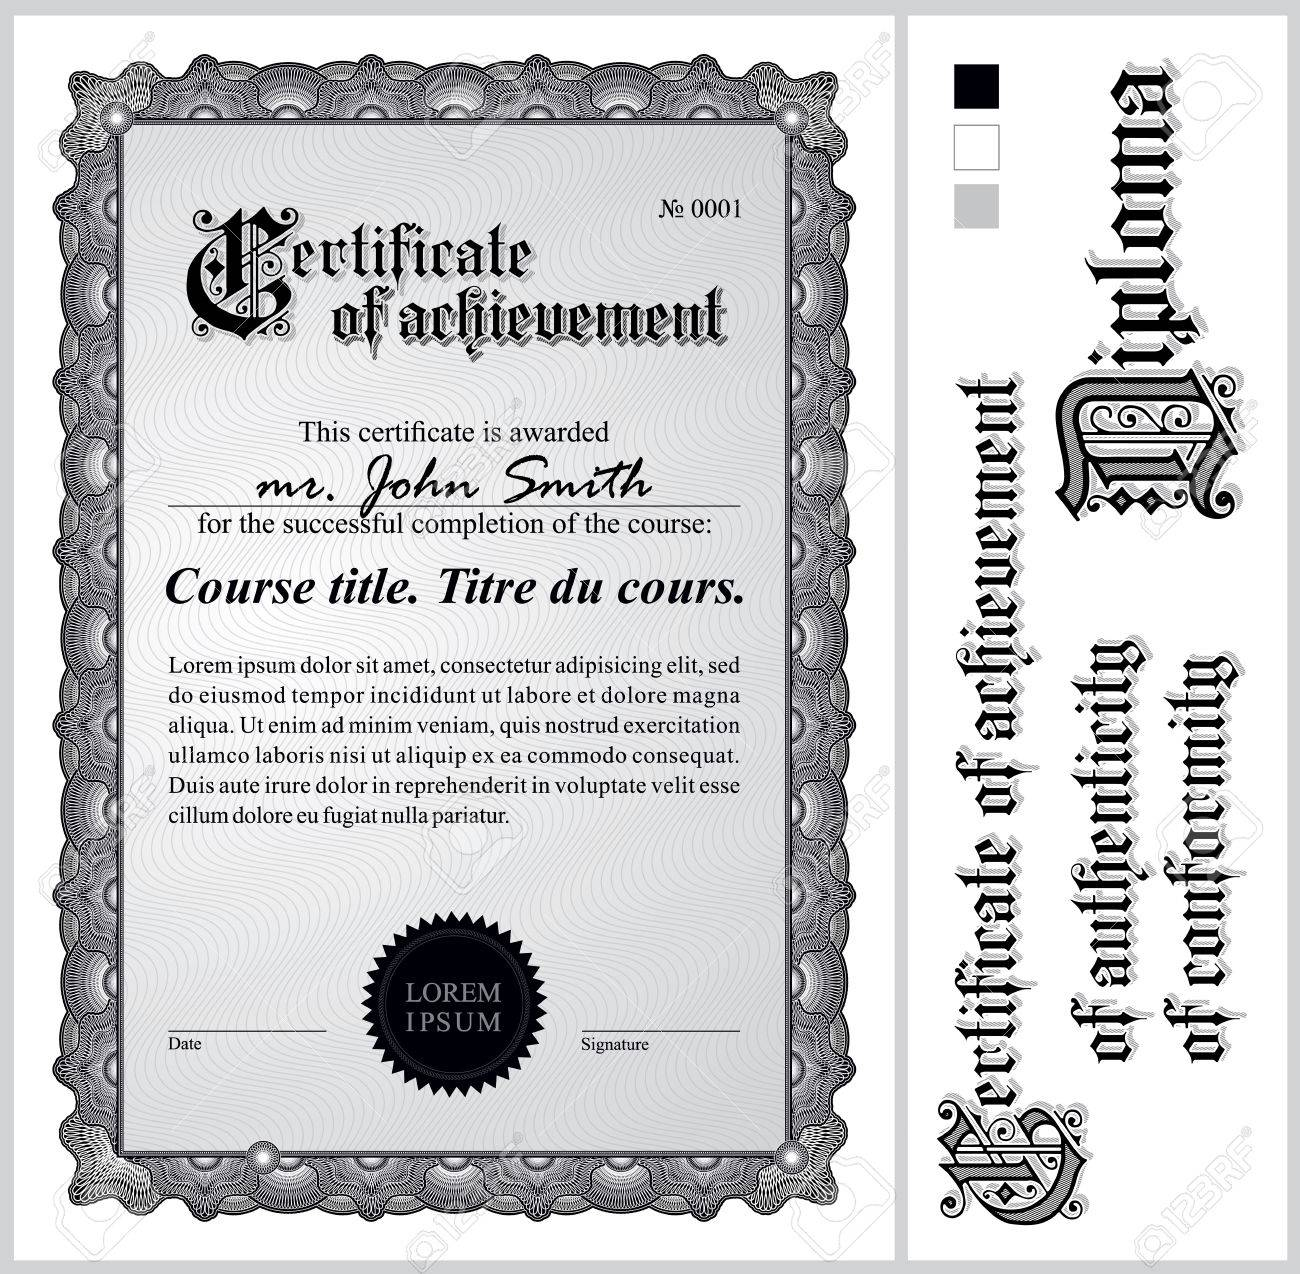 Groß Zertifikat Druckbare Vorlagen Zeitgenössisch - Entry Level ...